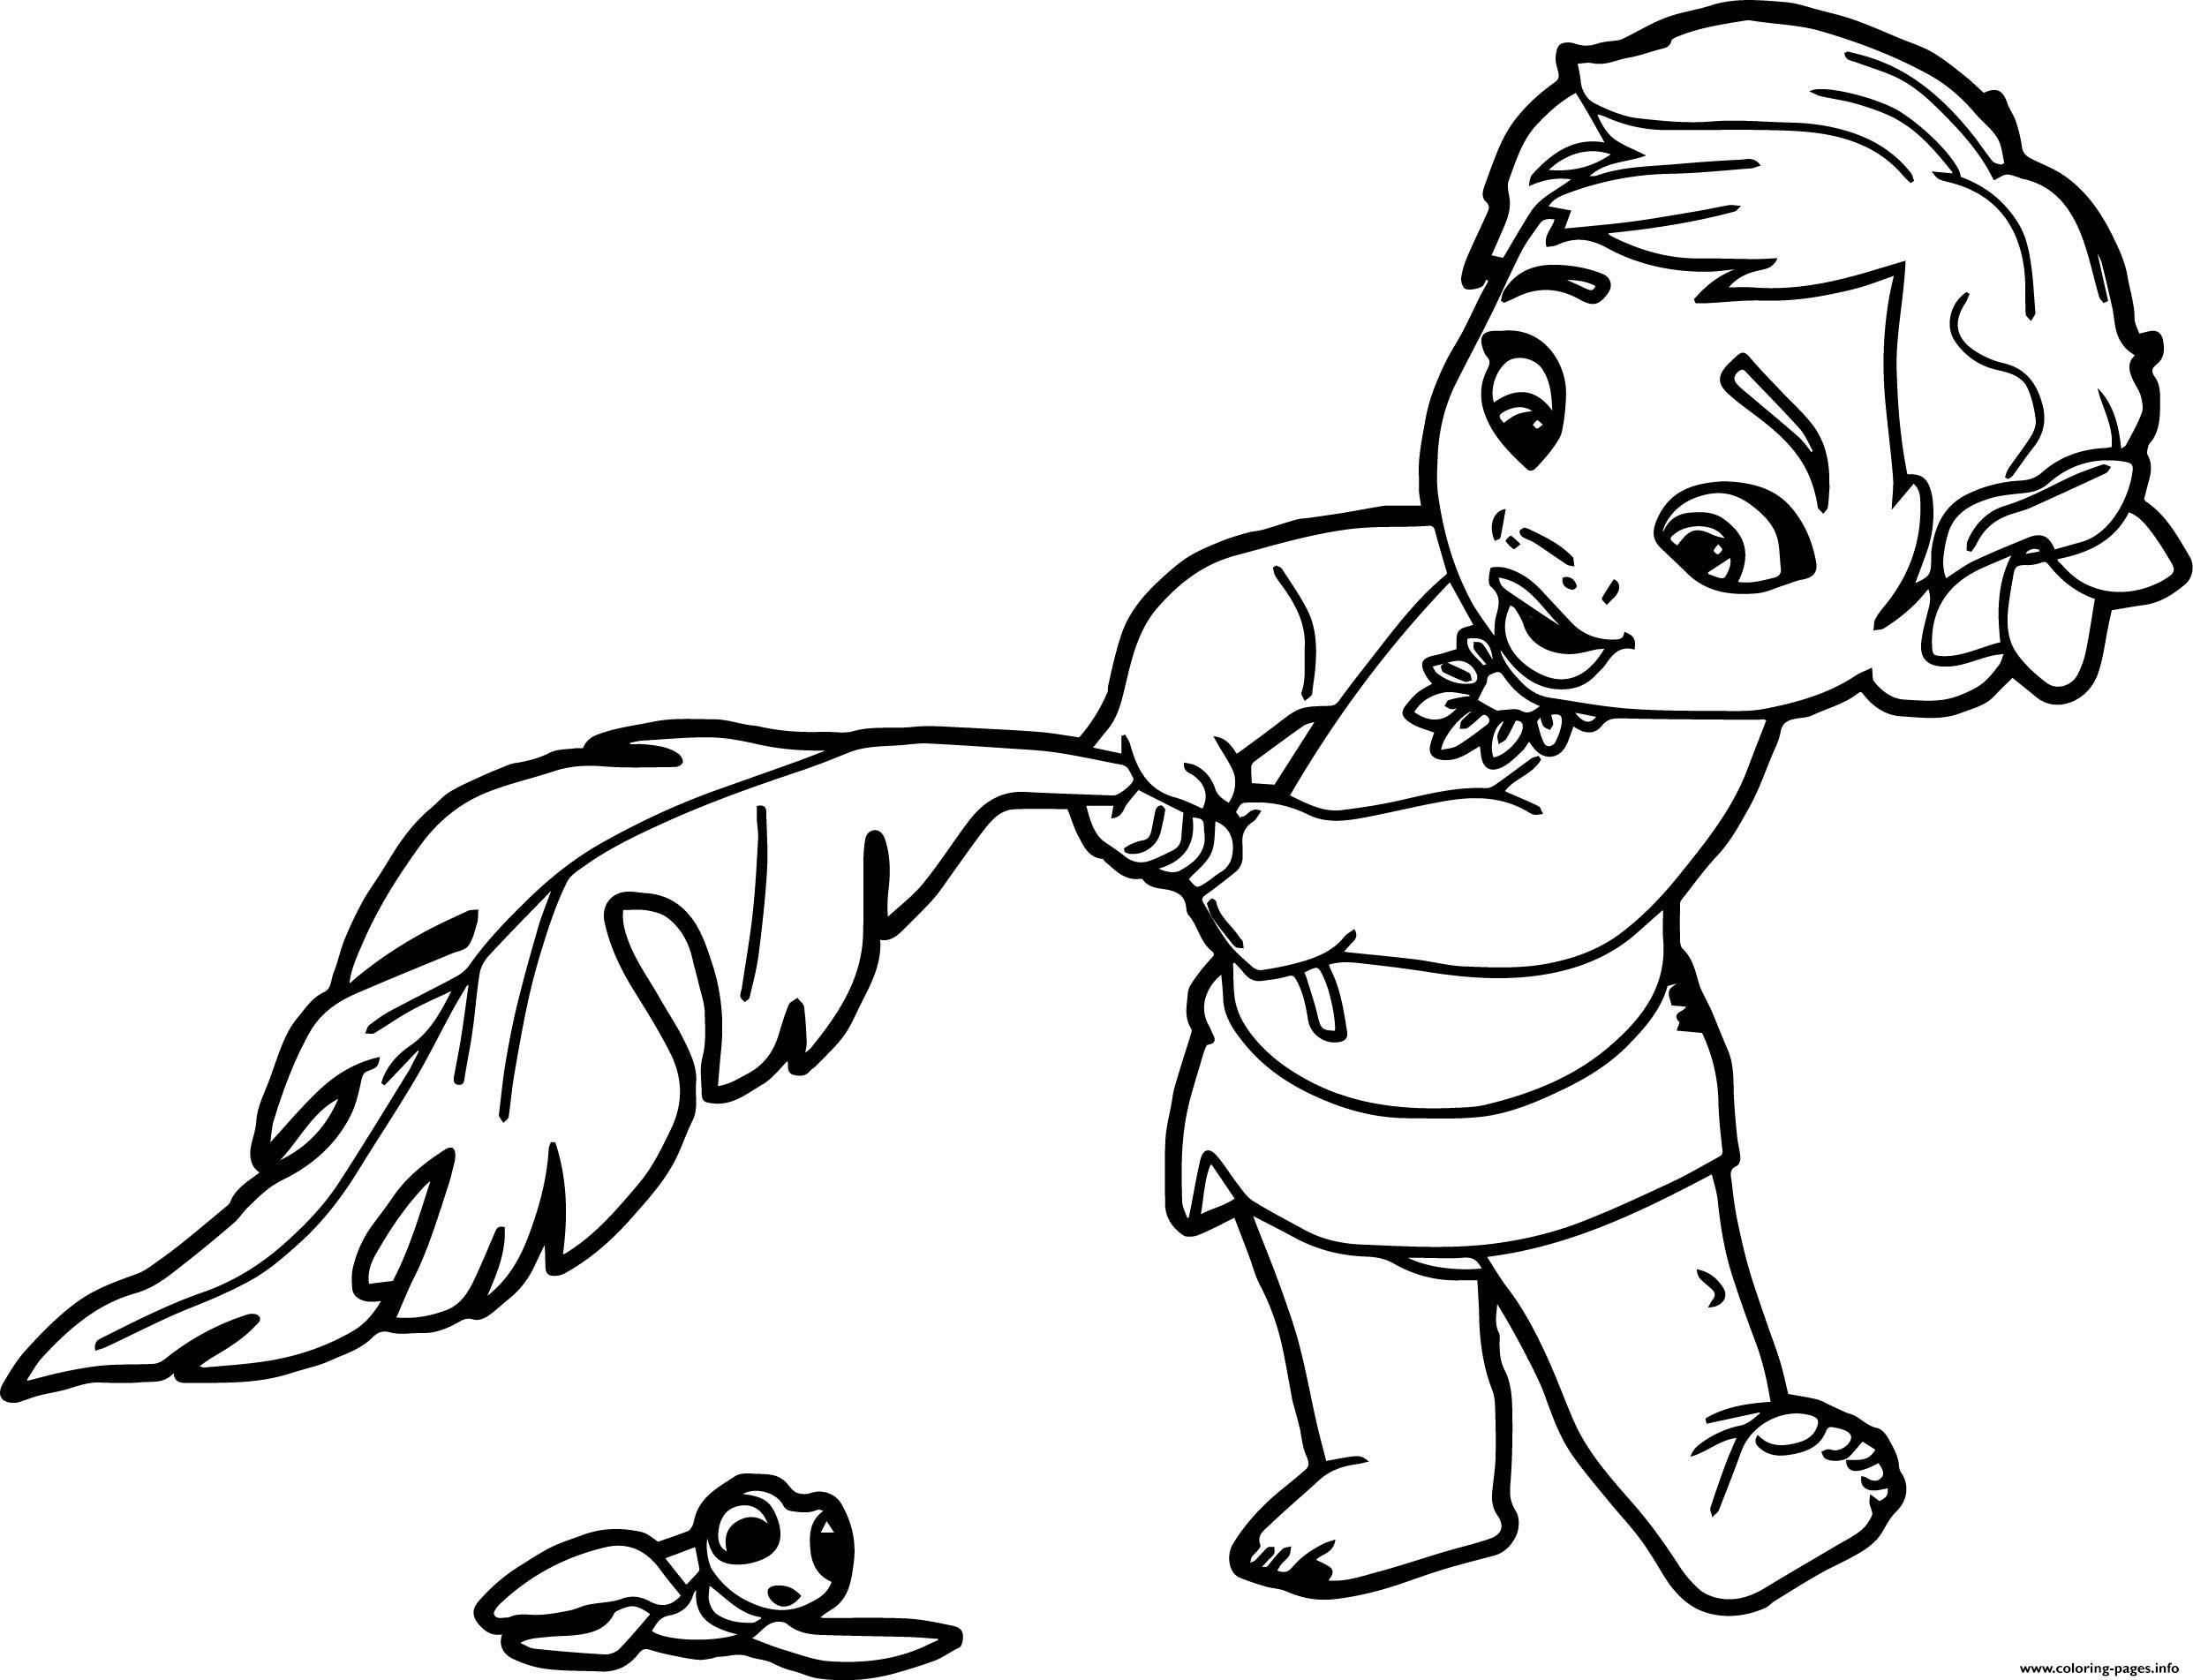 2484x1903 Print Baby Moana Princess Disney Coloring Pages Magic